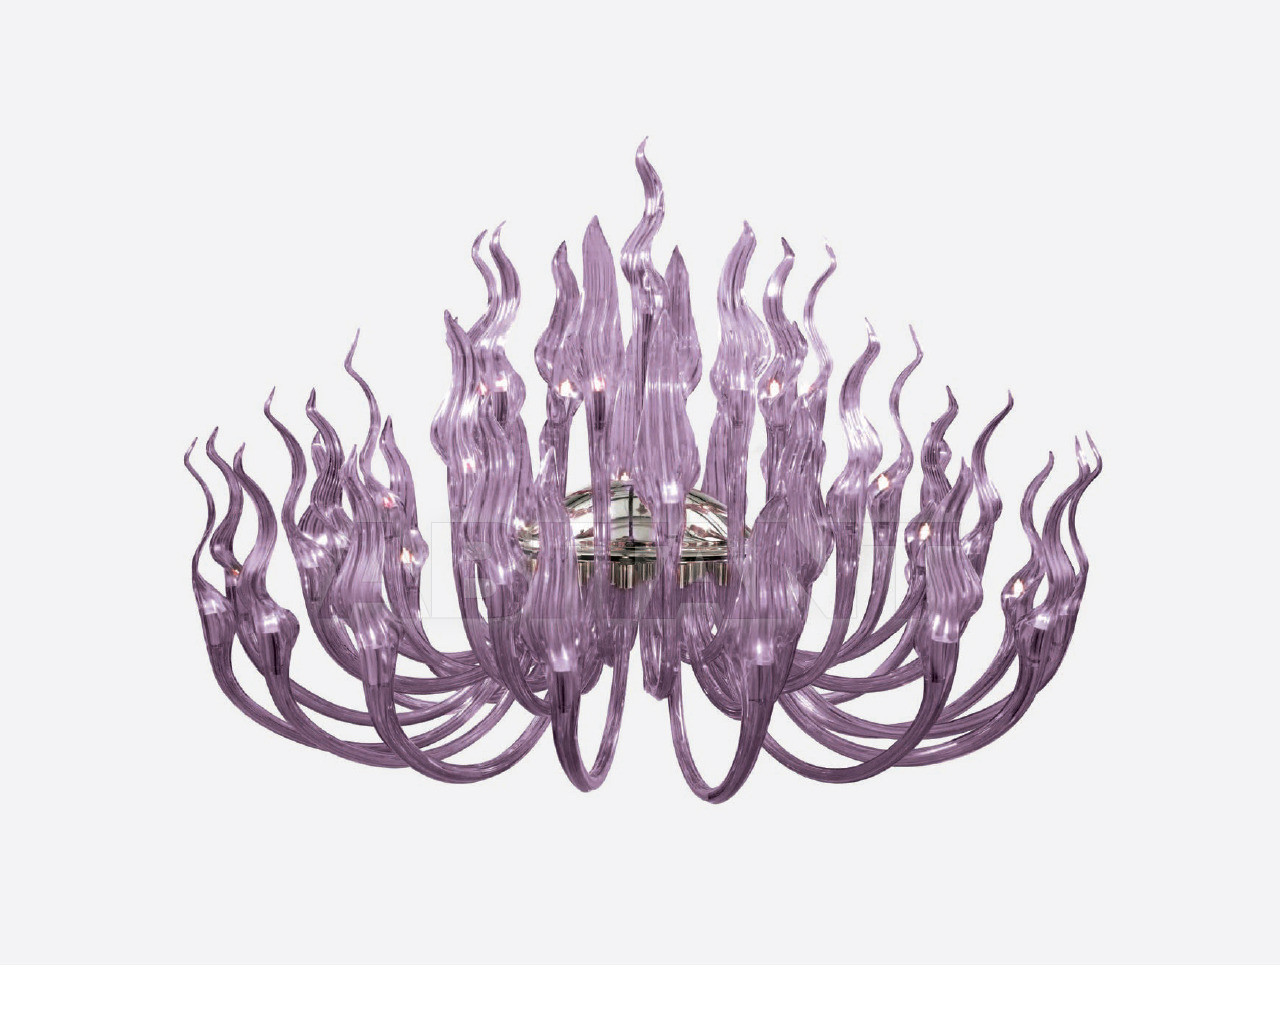 Купить Люстра Iris Cristal Contemporary 640157 8+8+8+16